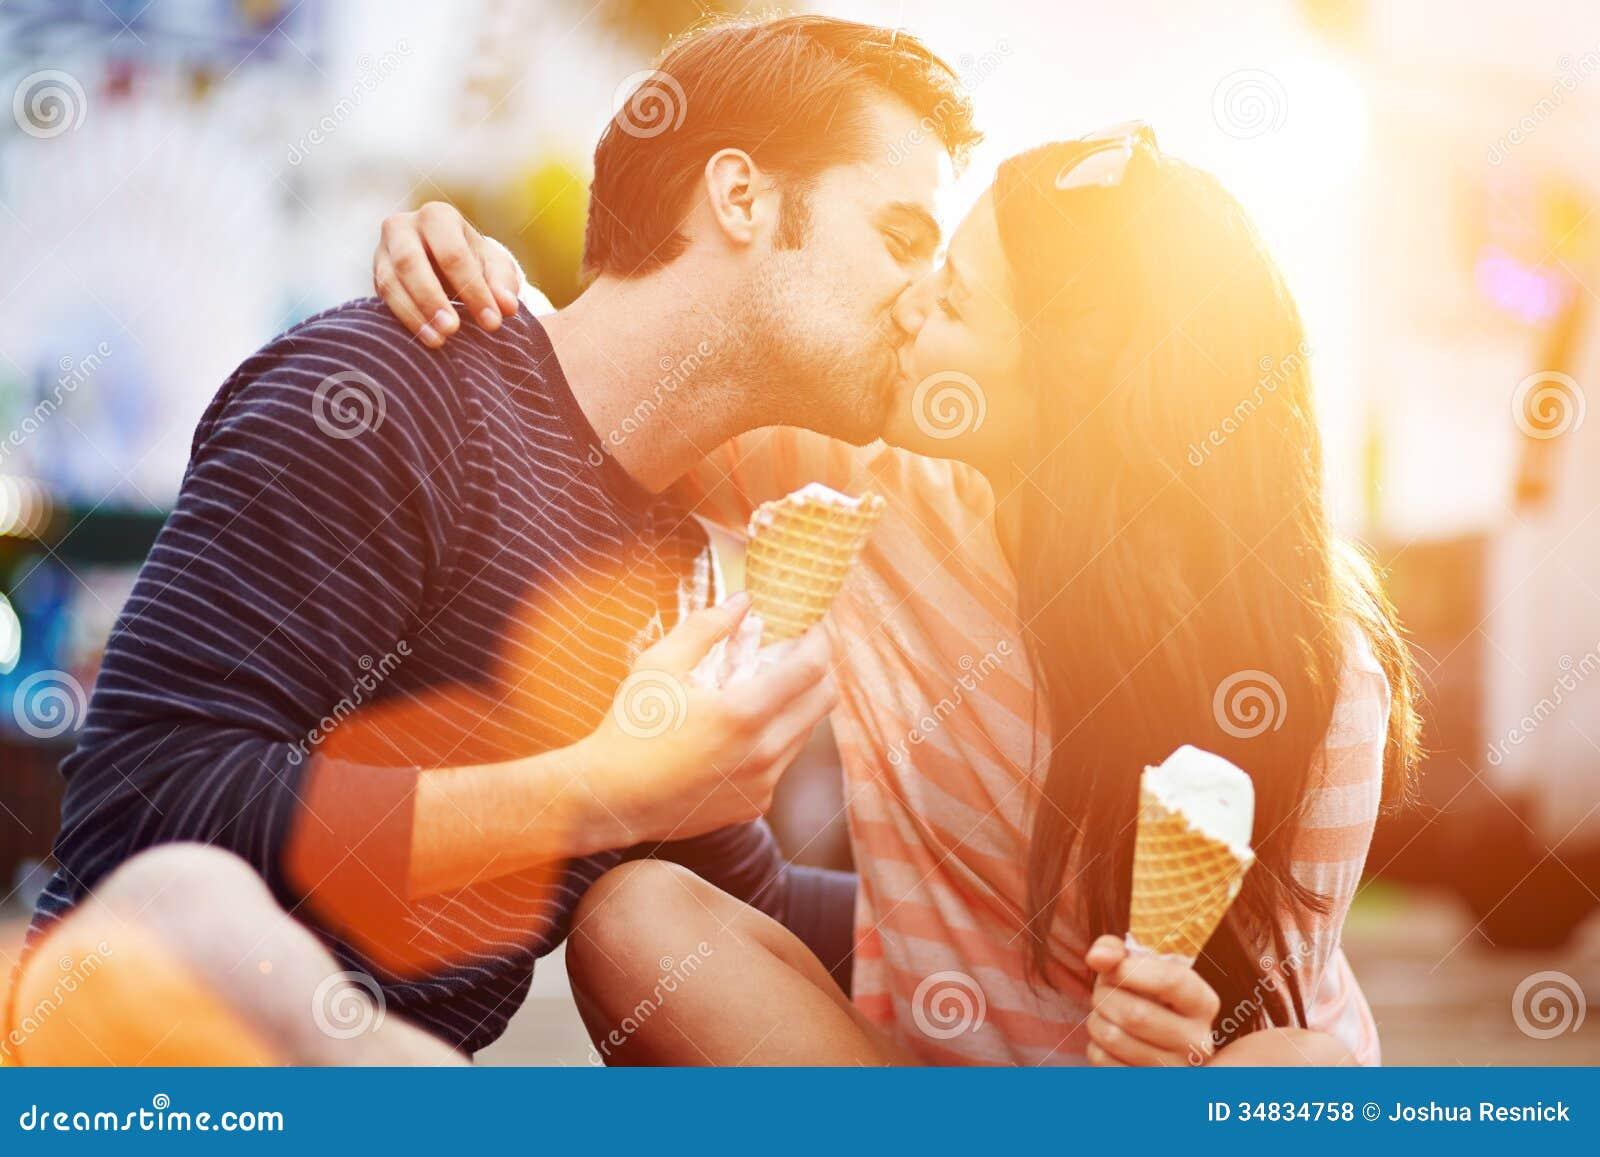 Romantyczny pary całowanie podczas gdy trzymający lody